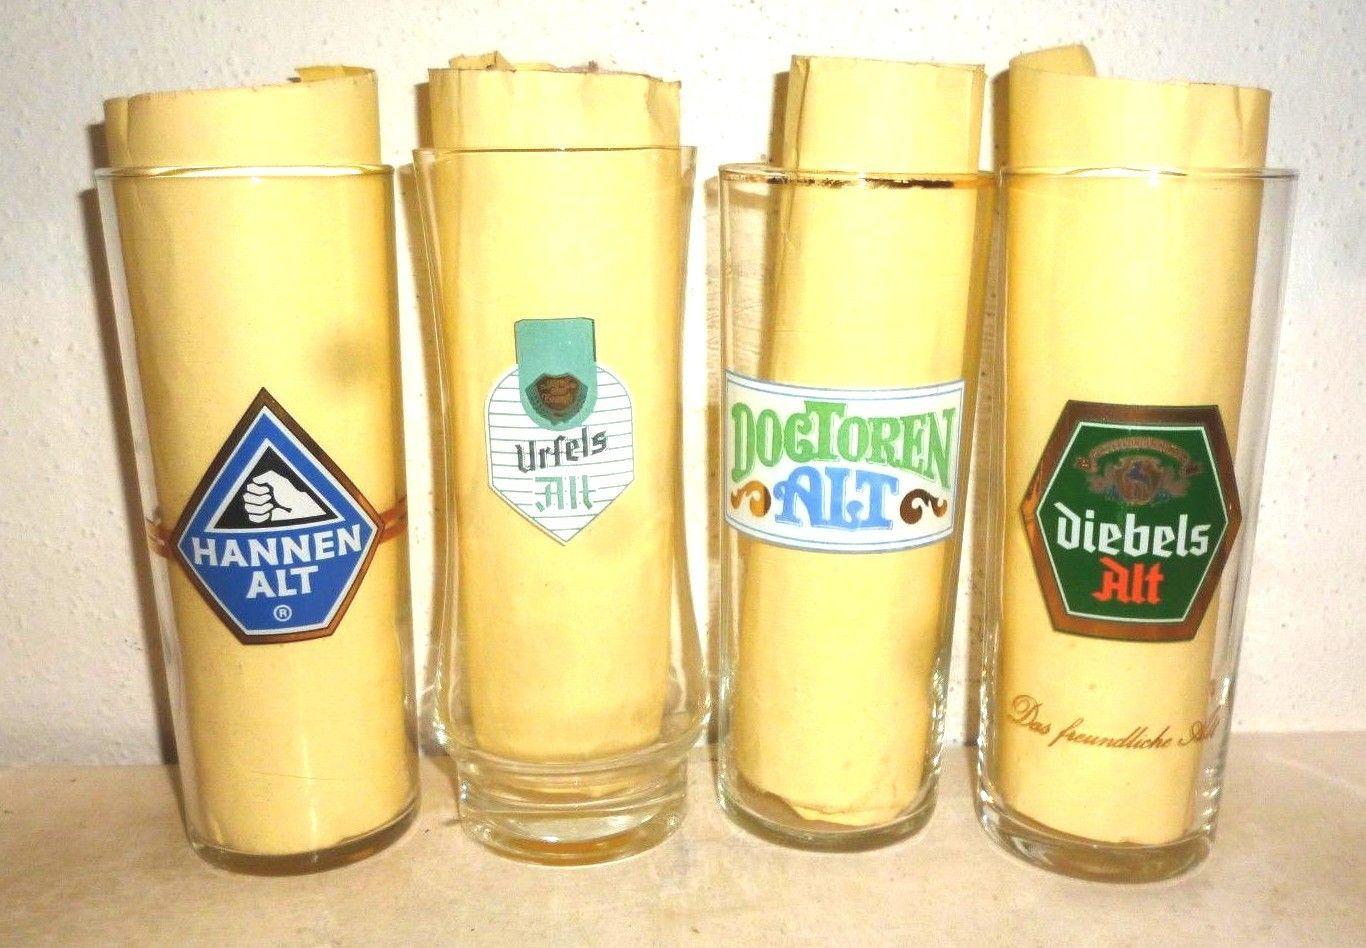 4 Hannen Urfels Doctoren Diebels Altbier German Beer Glasses